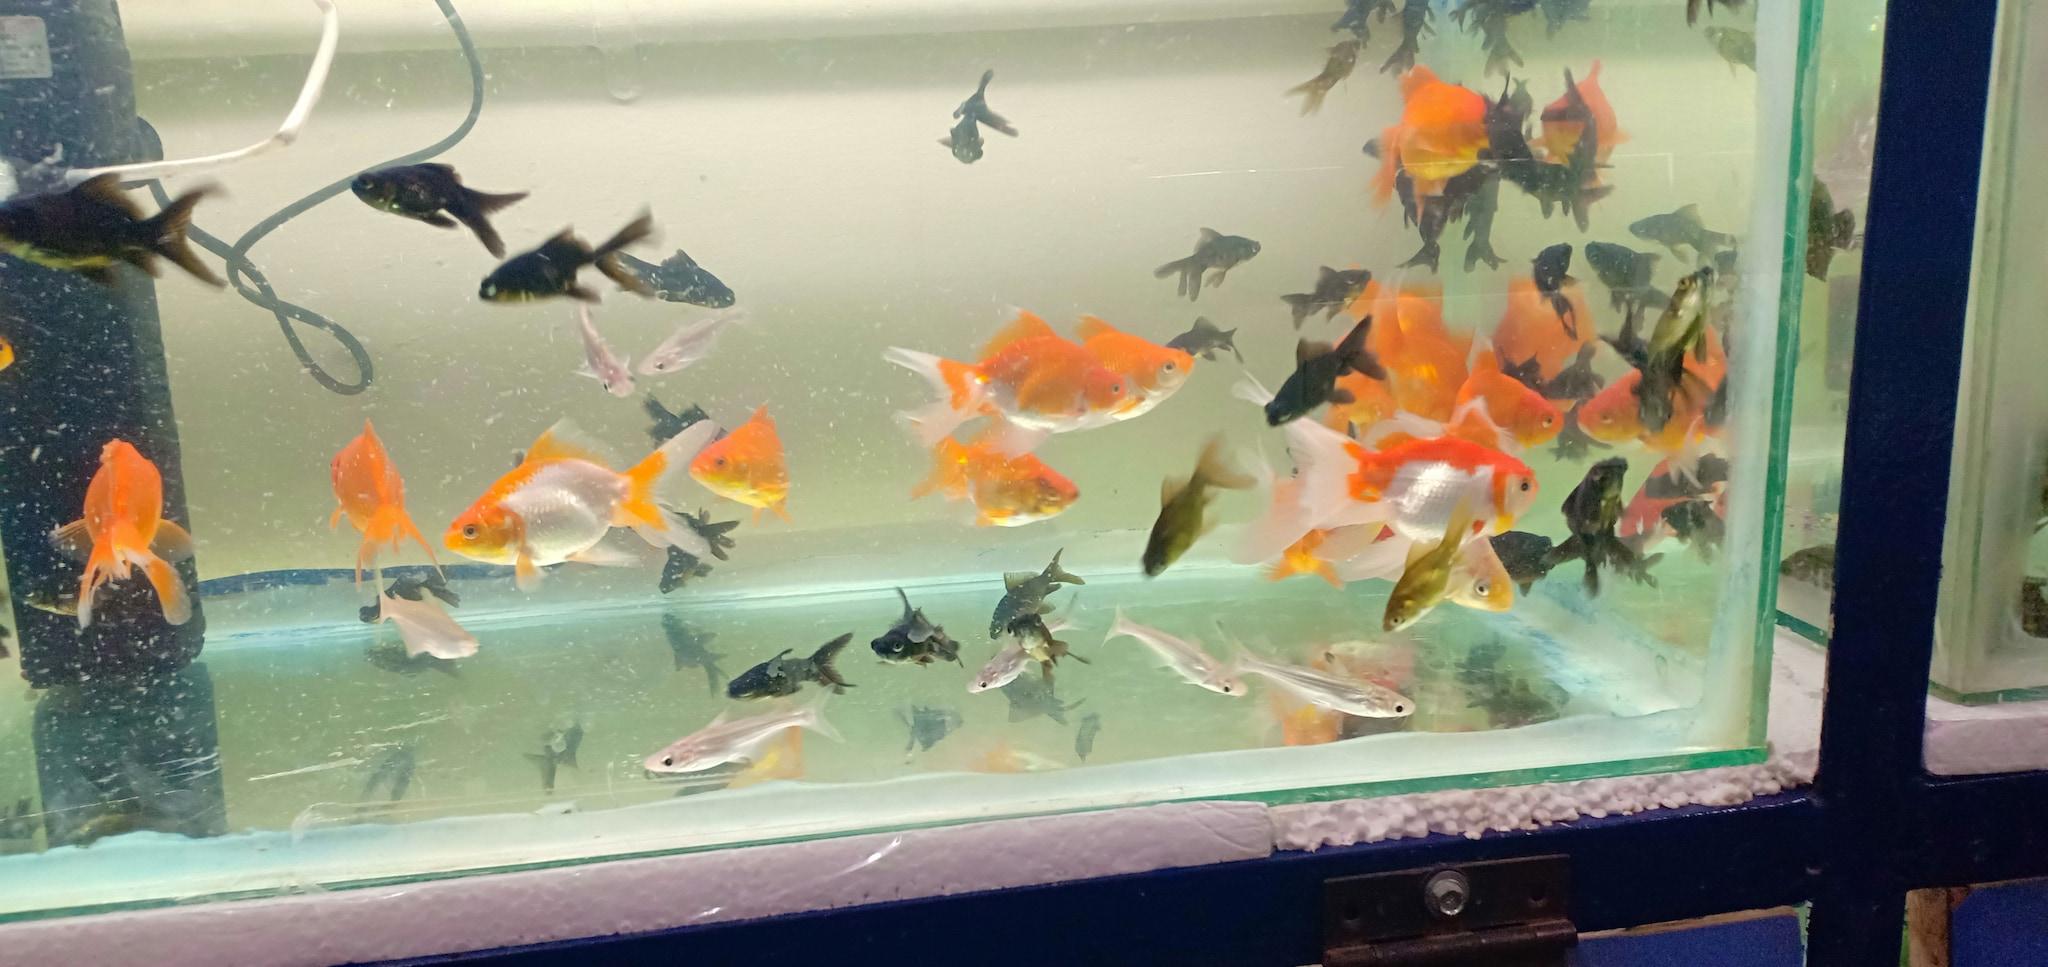 Top Fish Aquariums in Hindupur - Best Fish Aquarium Dealers - Justdial